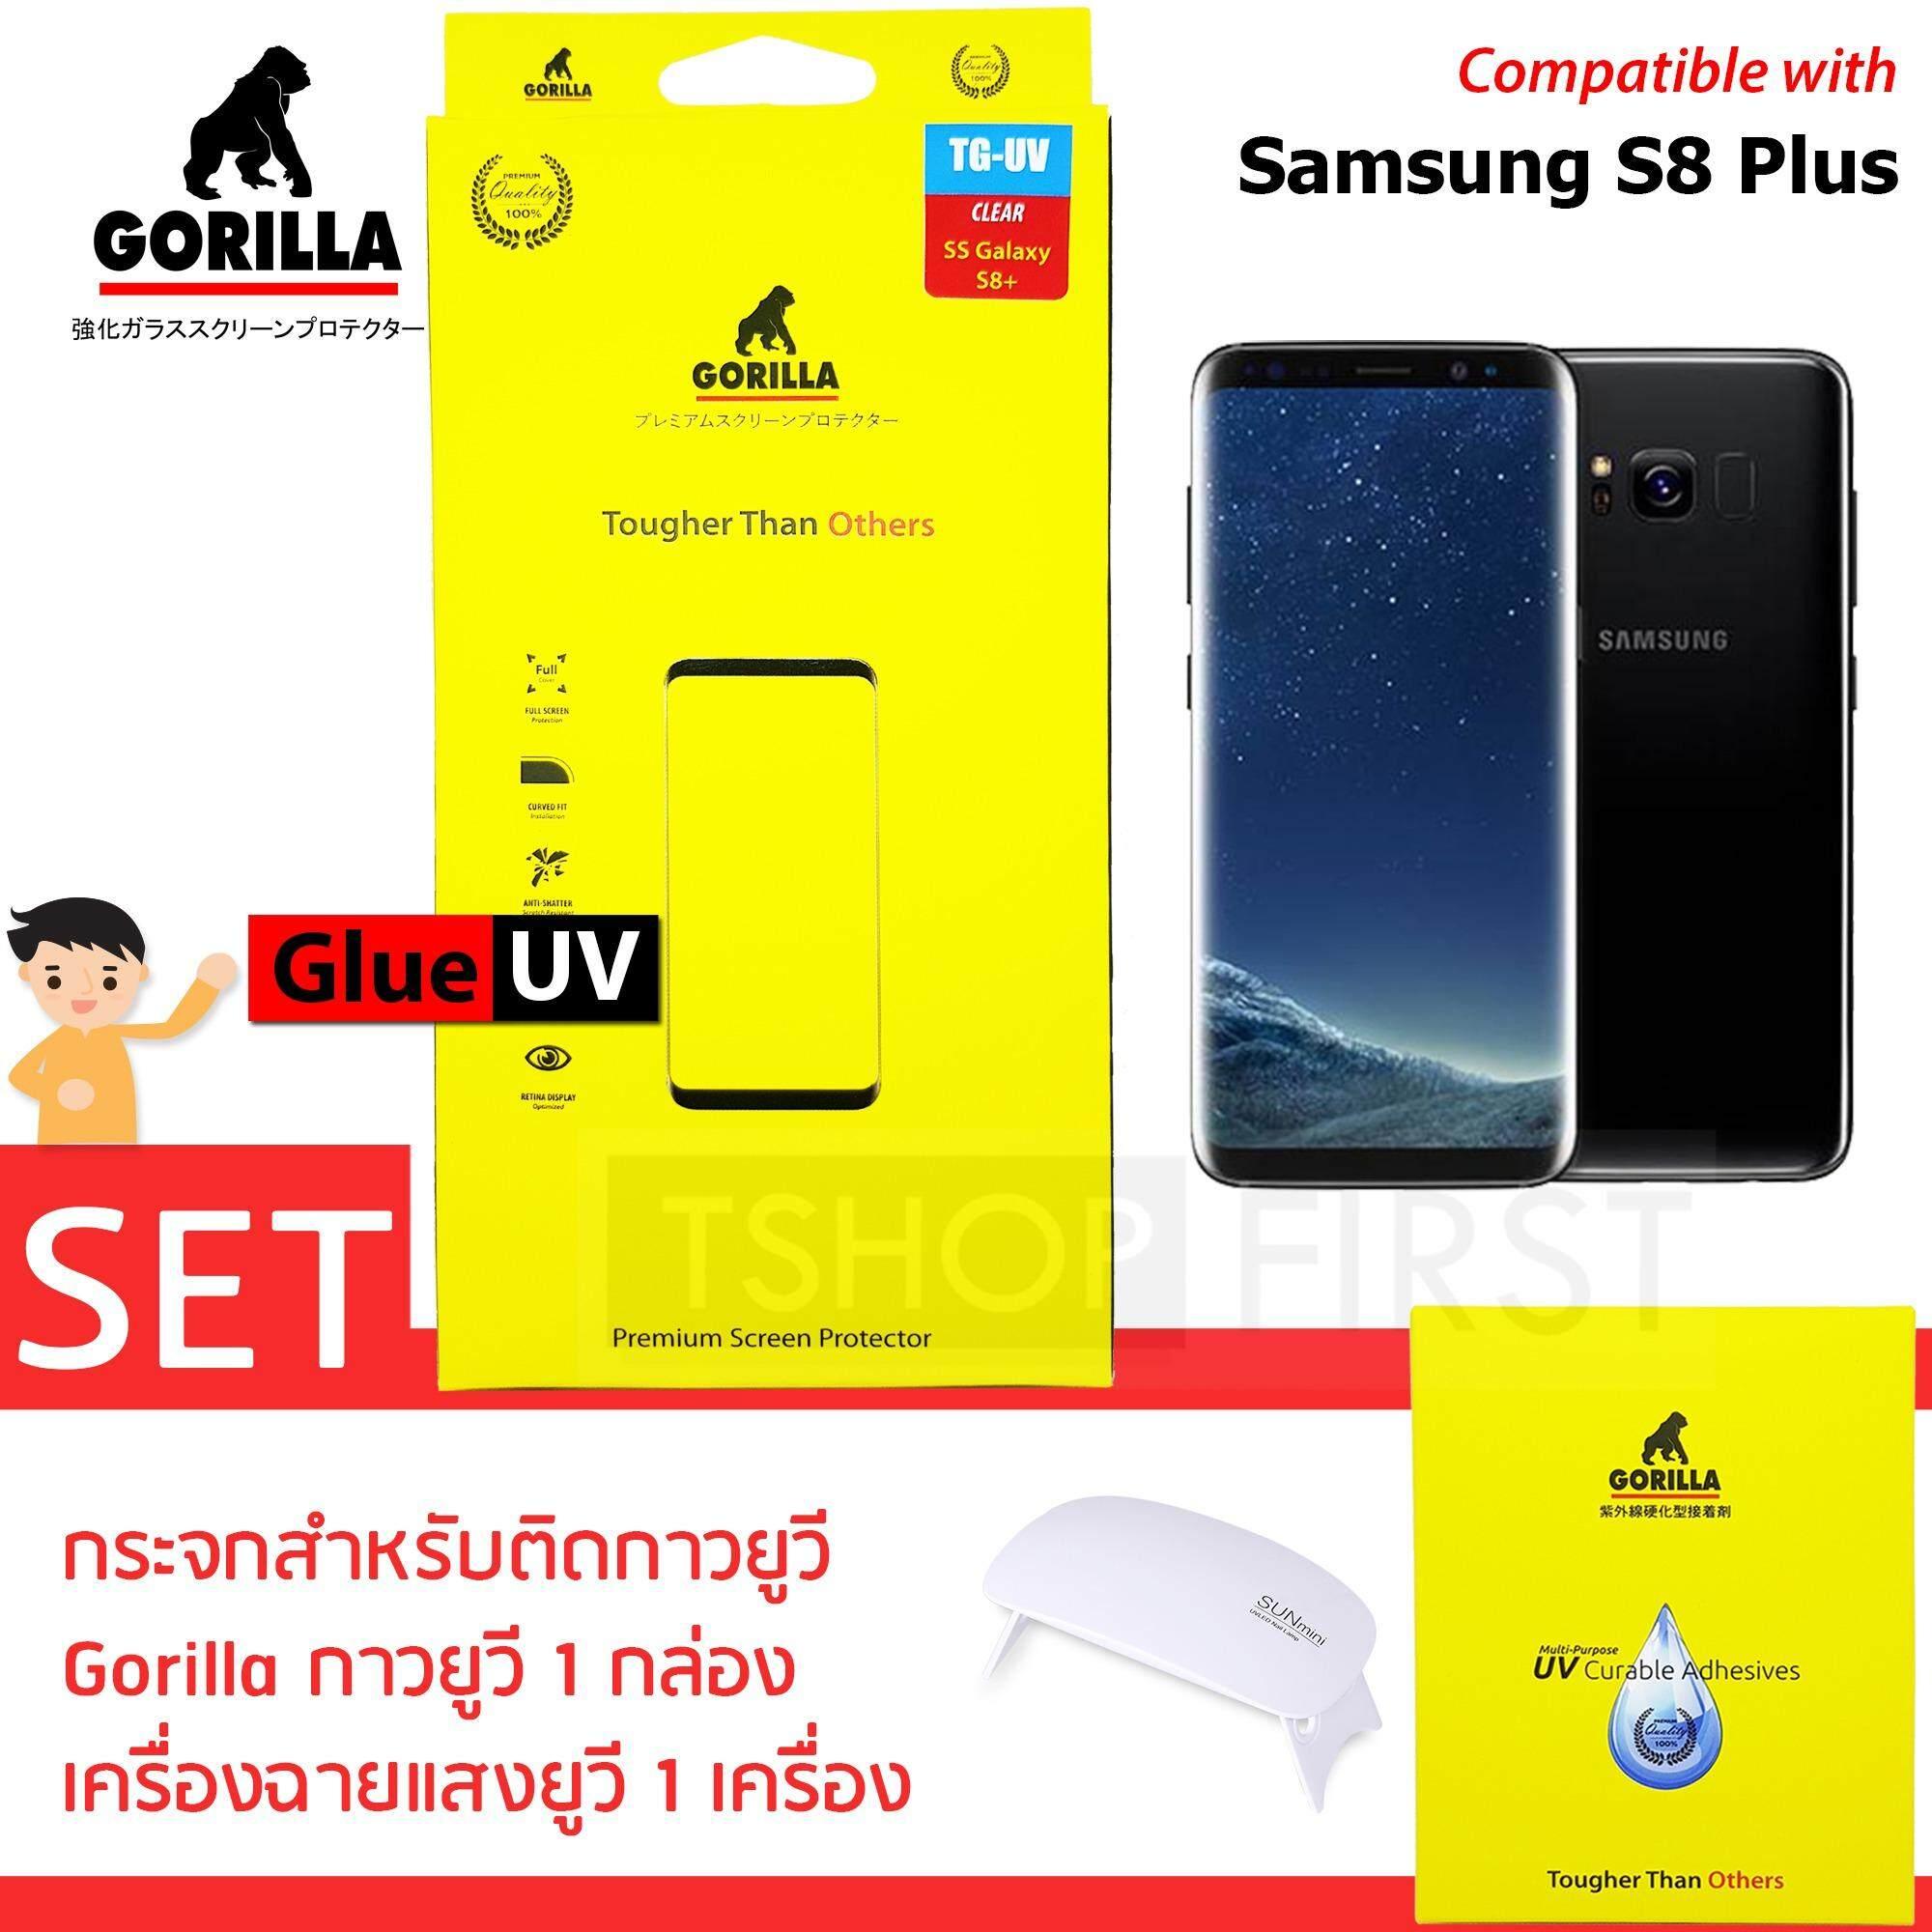 Set Gorilla Glue UV กอริลล่า เซ็ตฟิล์มกระจกนิภัย กาวยูวีเต็มจอ For Samsung S8 Plus